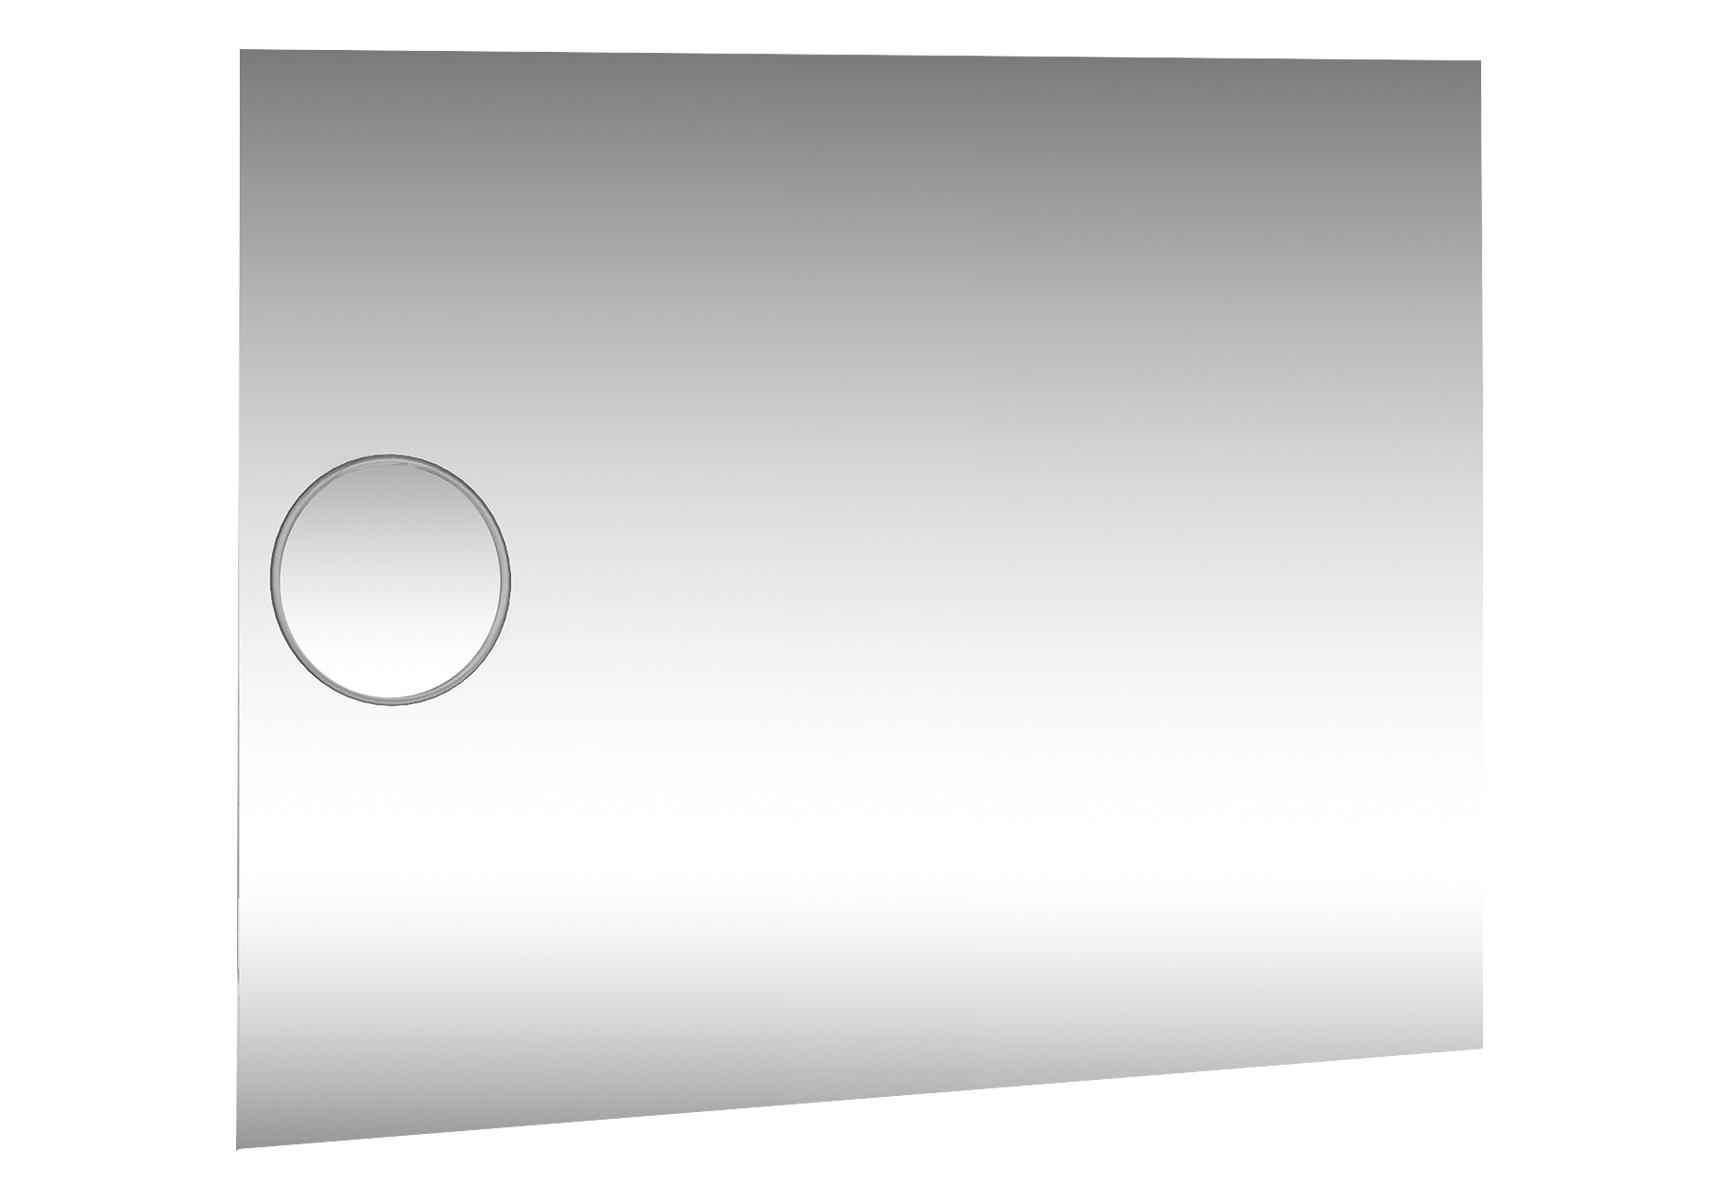 Memoria Deluxe miroir, 120 cm, avec miroir grossissant, avec éclairage haut et bas, avec commande de capteur